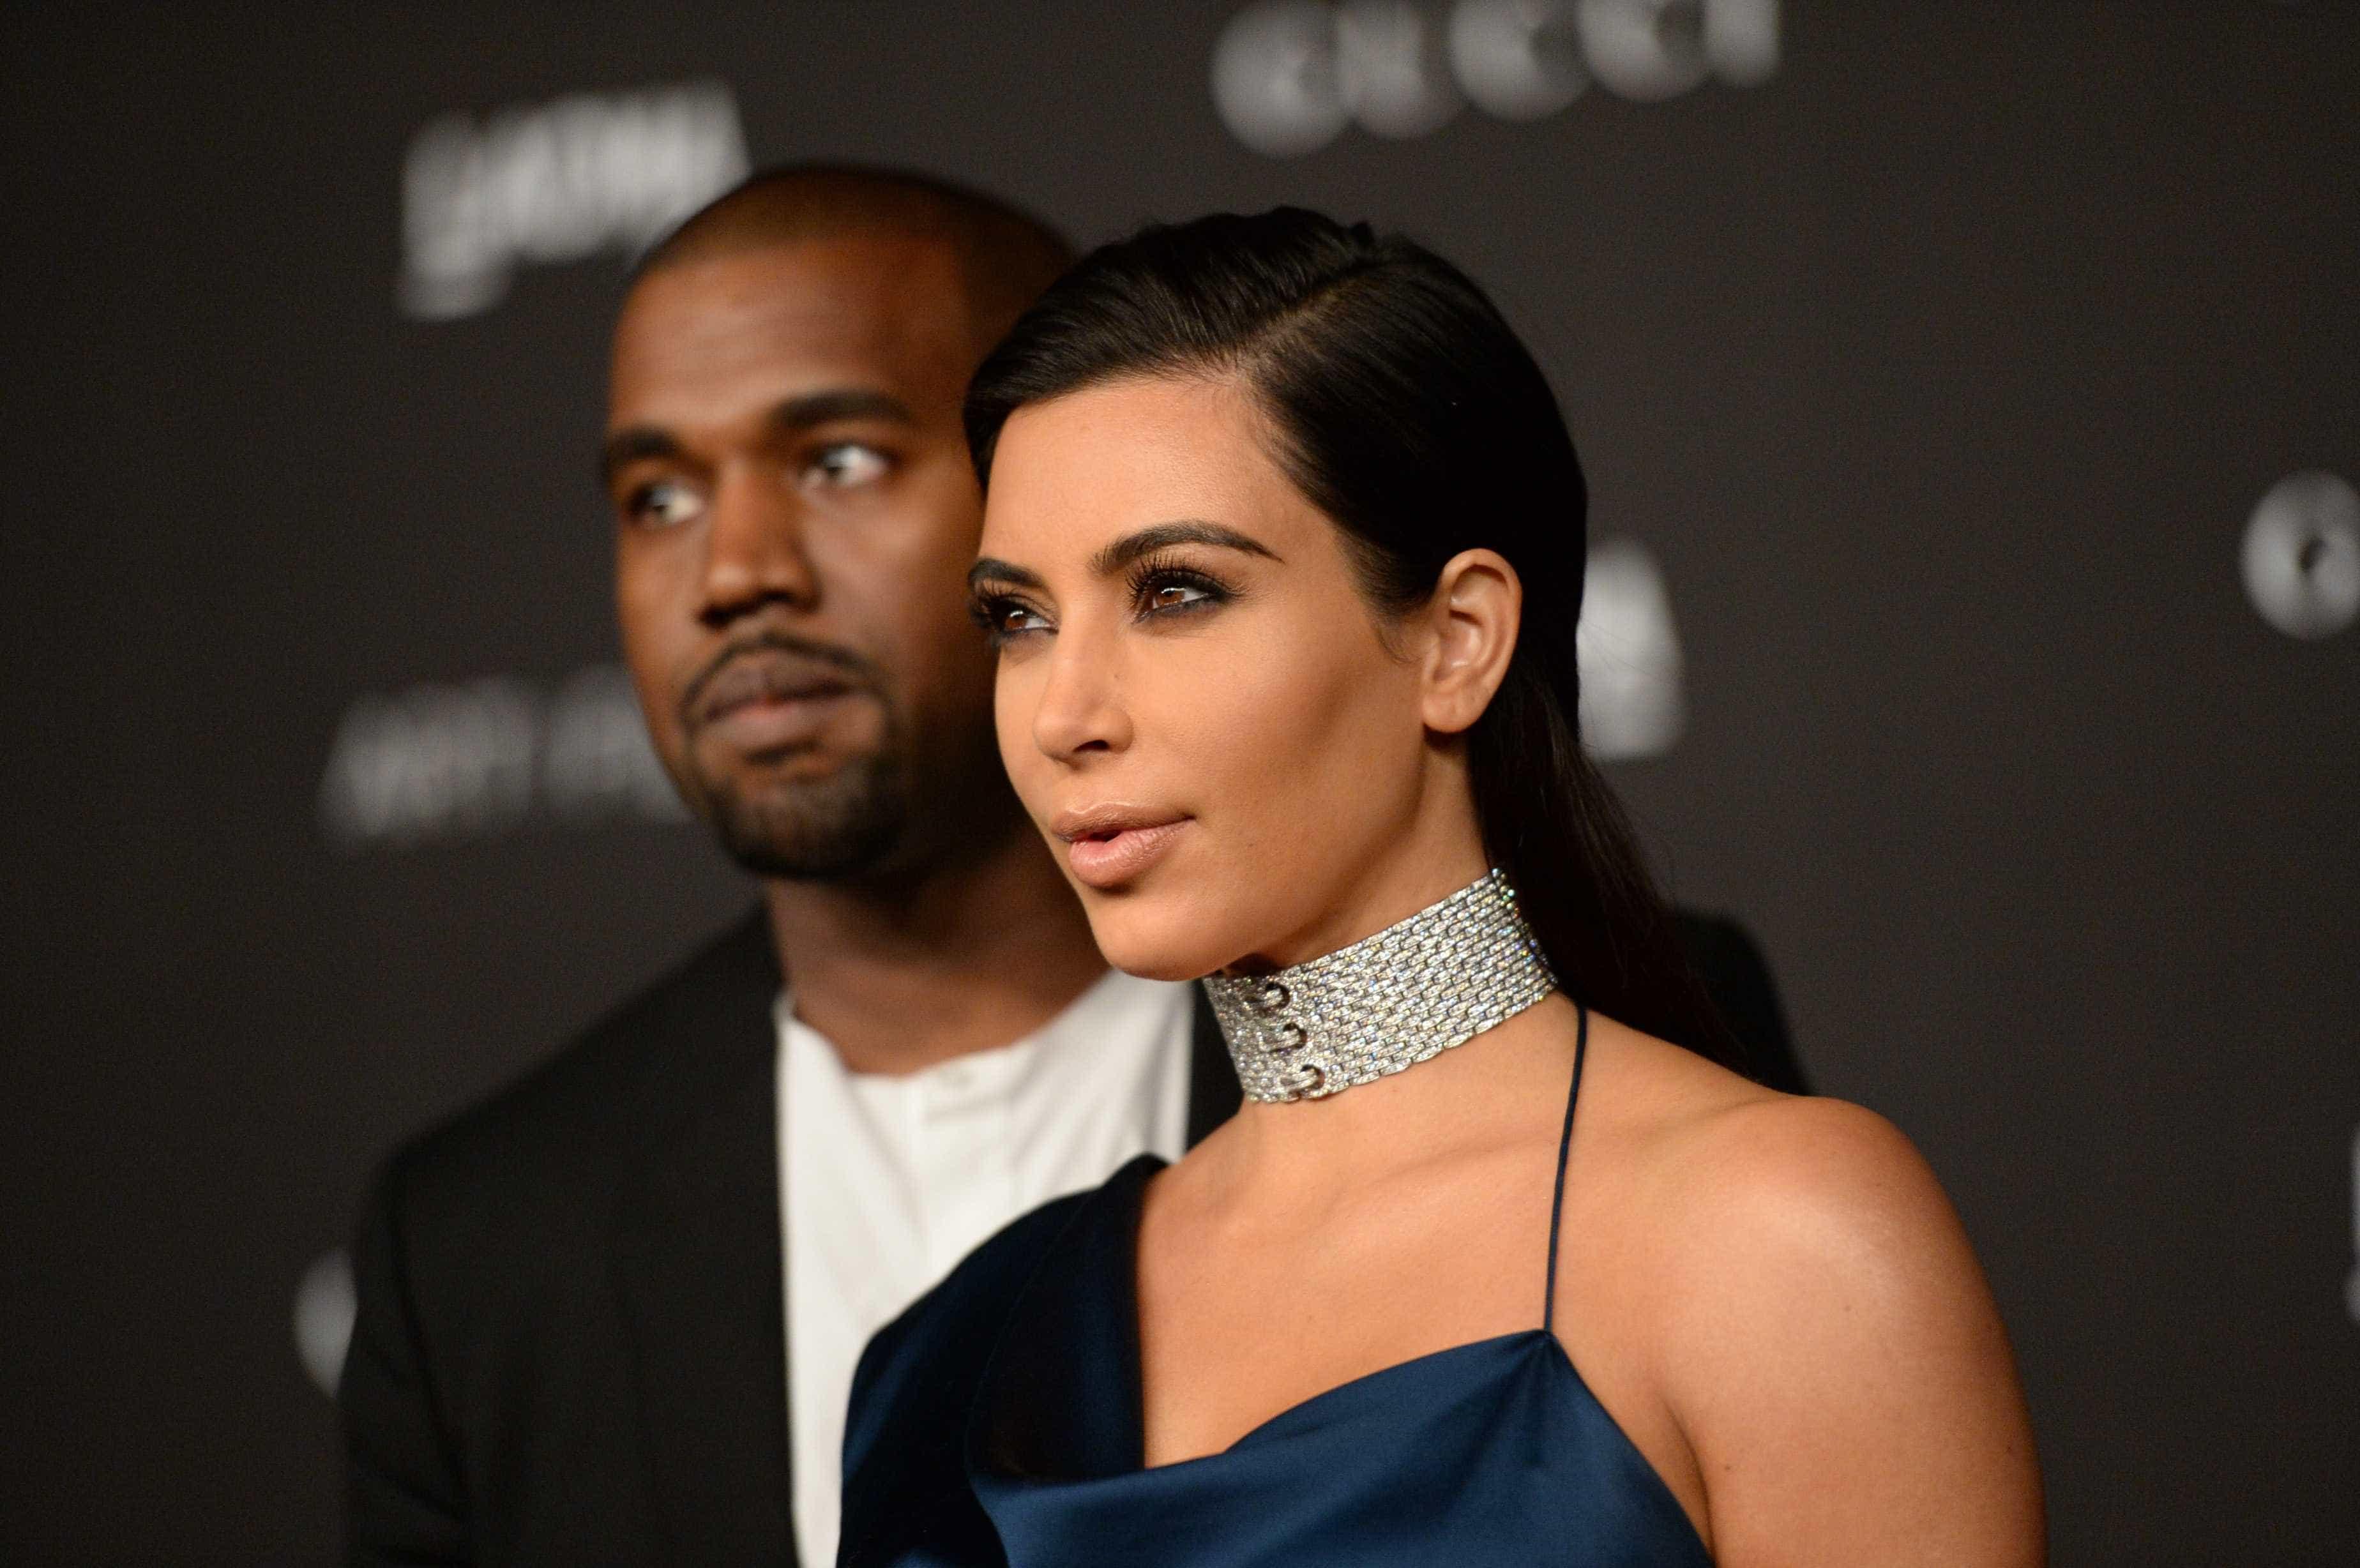 Com look ousado, Kim Kardashian acaba por mostrar mais do que o suposto